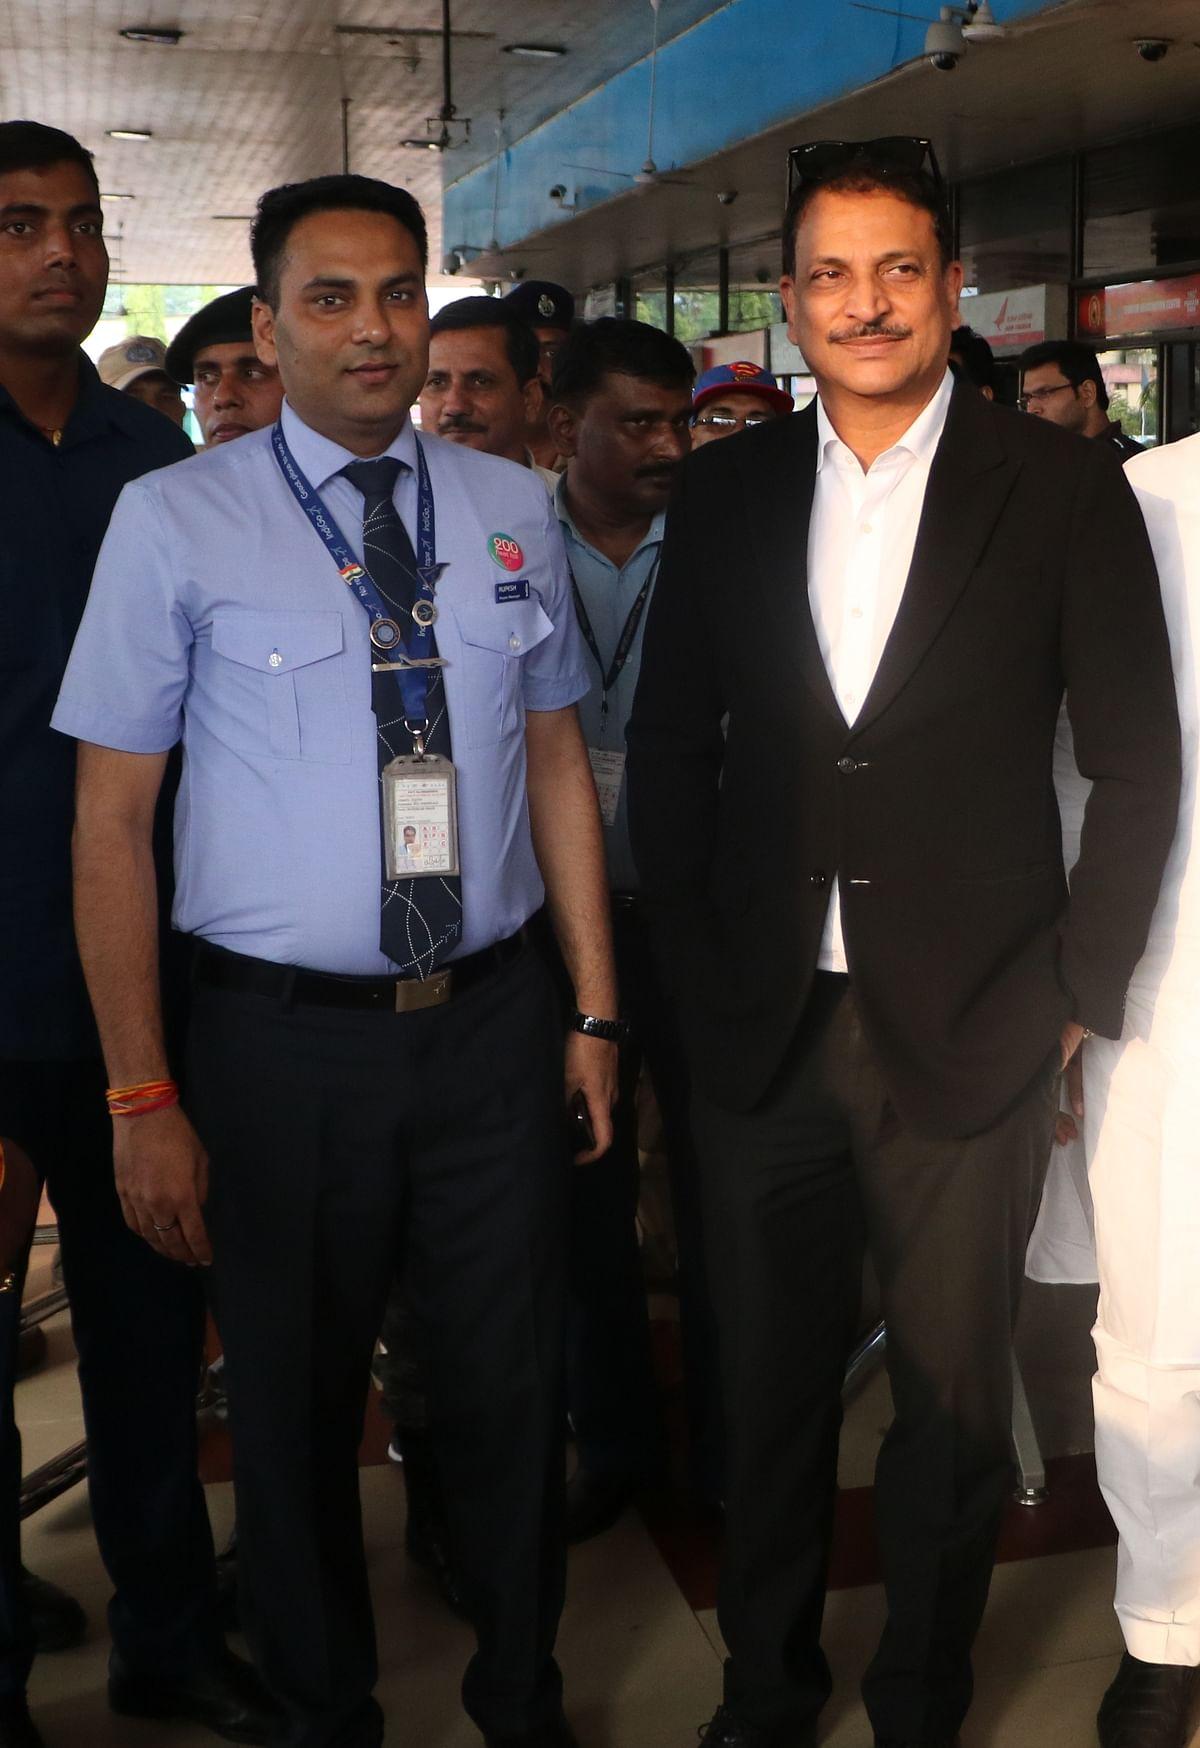 सारण सांसद सह भाजपा के राष्ट्रीय प्रवक्ता राजीव प्रताप रूडी  के साथ रूपेश सिंह